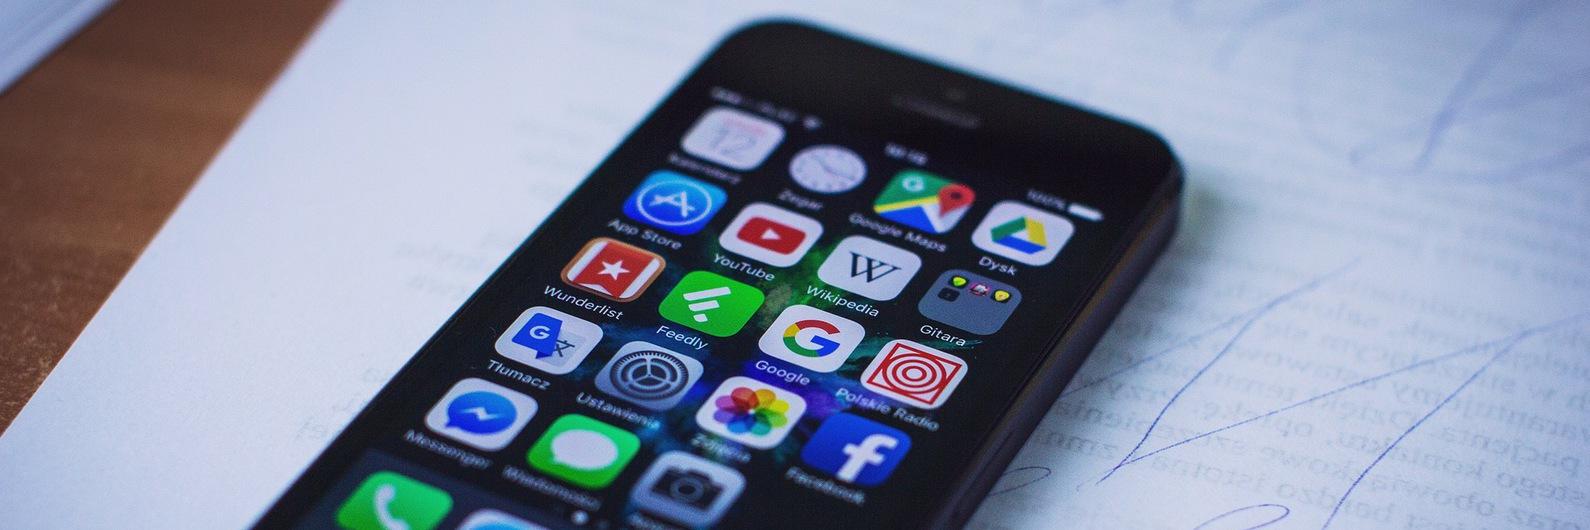 Seis aplicações que vão dar novas funcionalidades ao seu smartphone